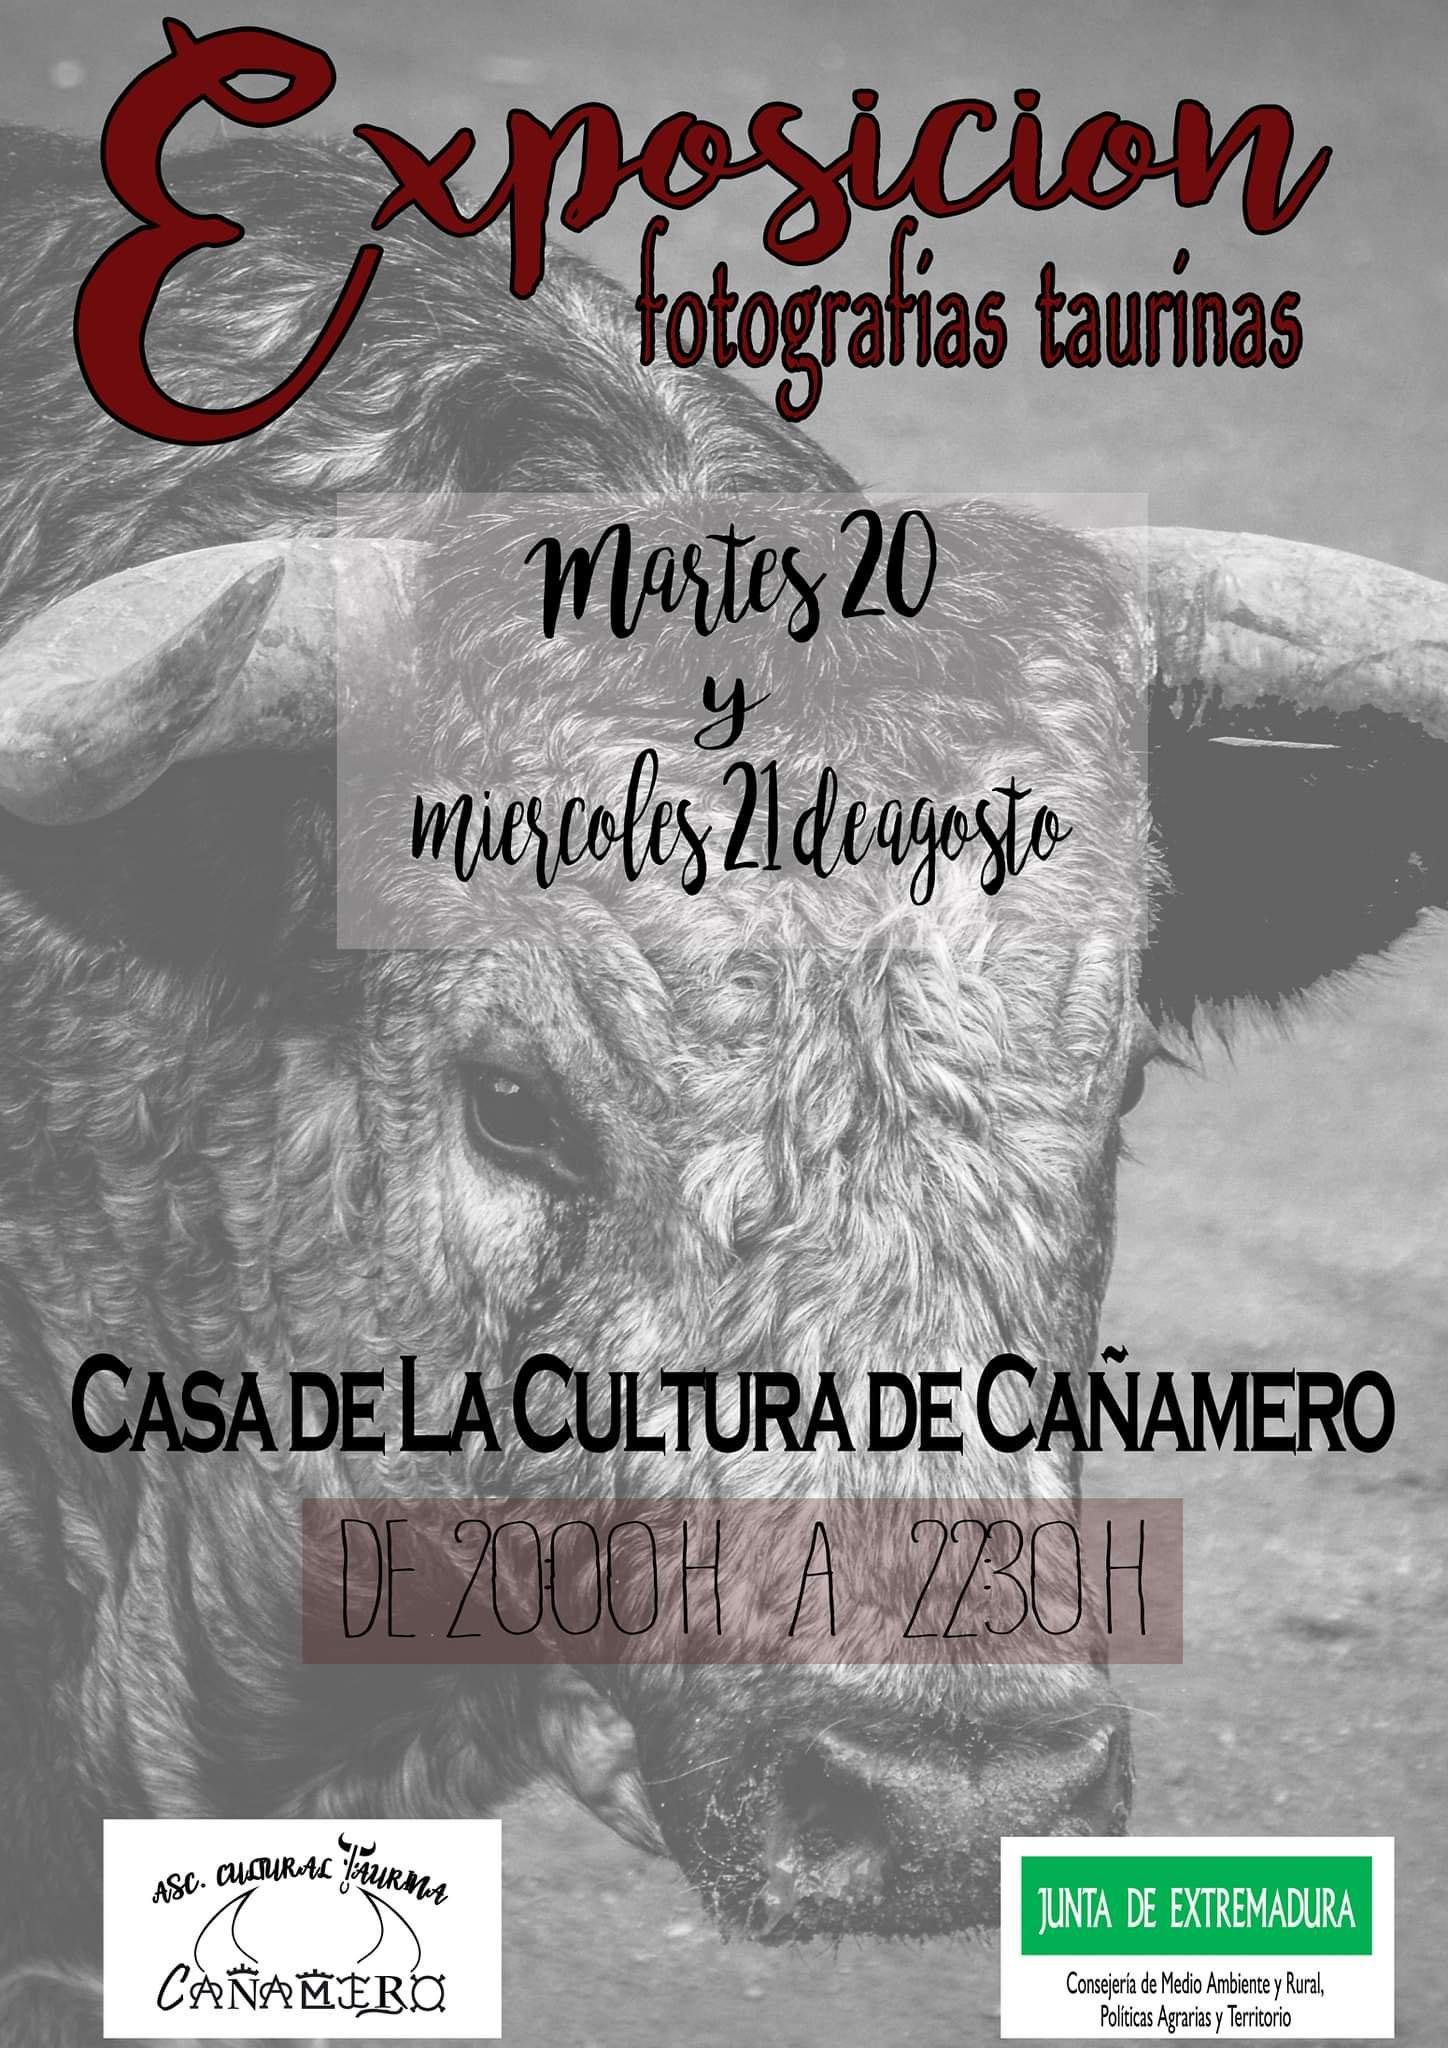 Exposición de fotografías taurinas 2019 - Cañamero (Cáceres)